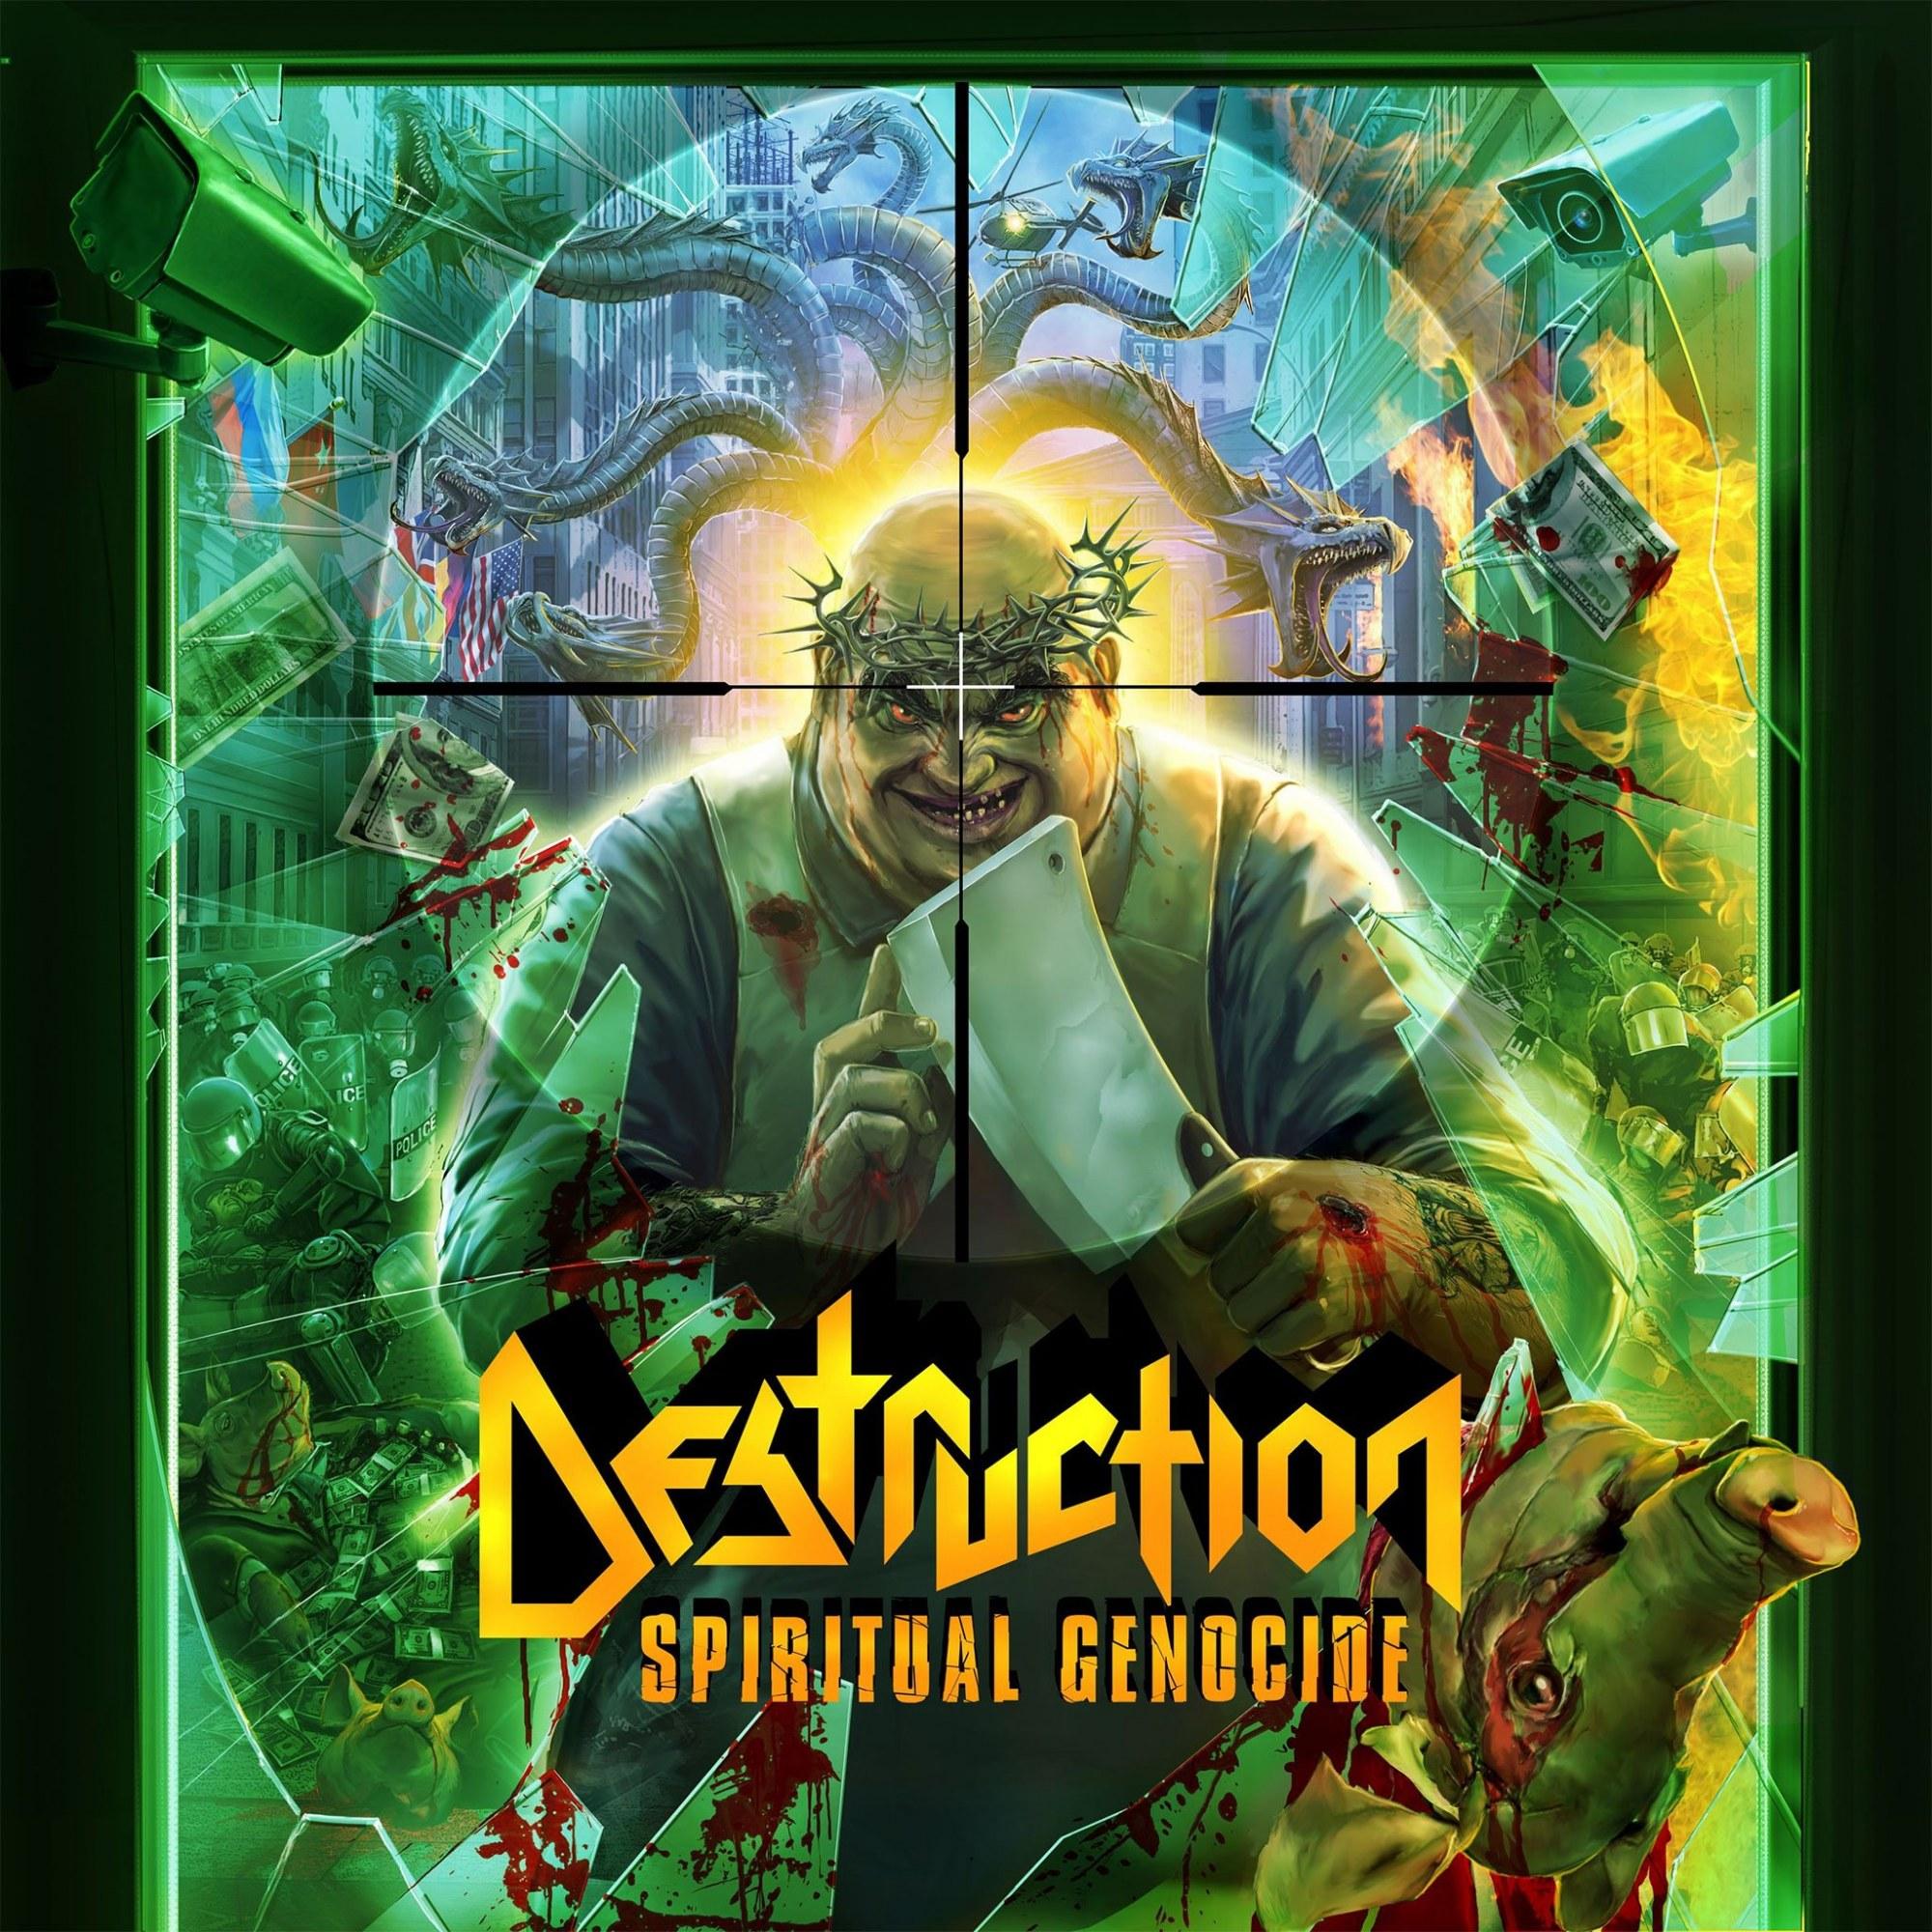 Reviews for Destruction - Spiritual Genocide